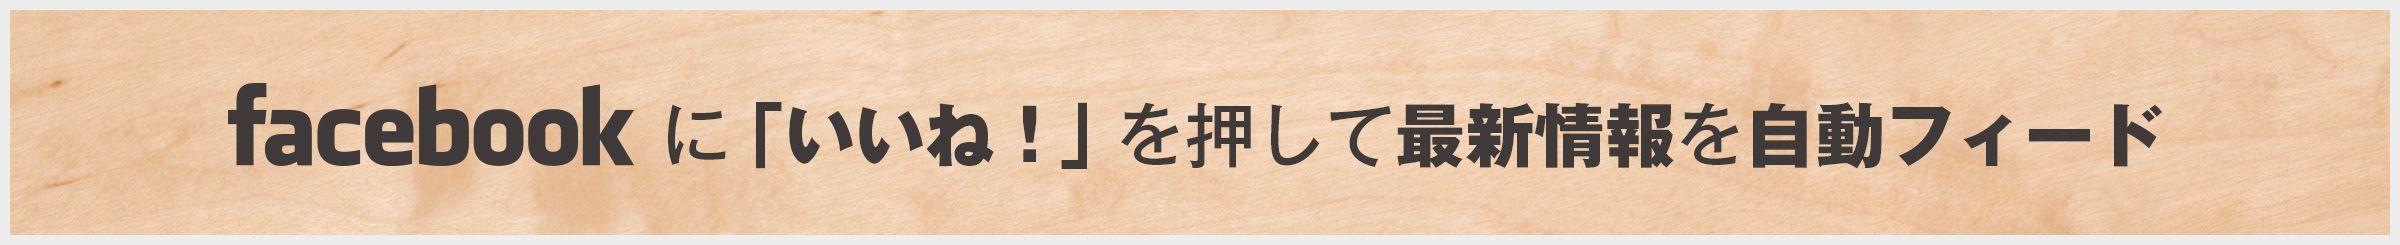 新栄工建 Facebookページ